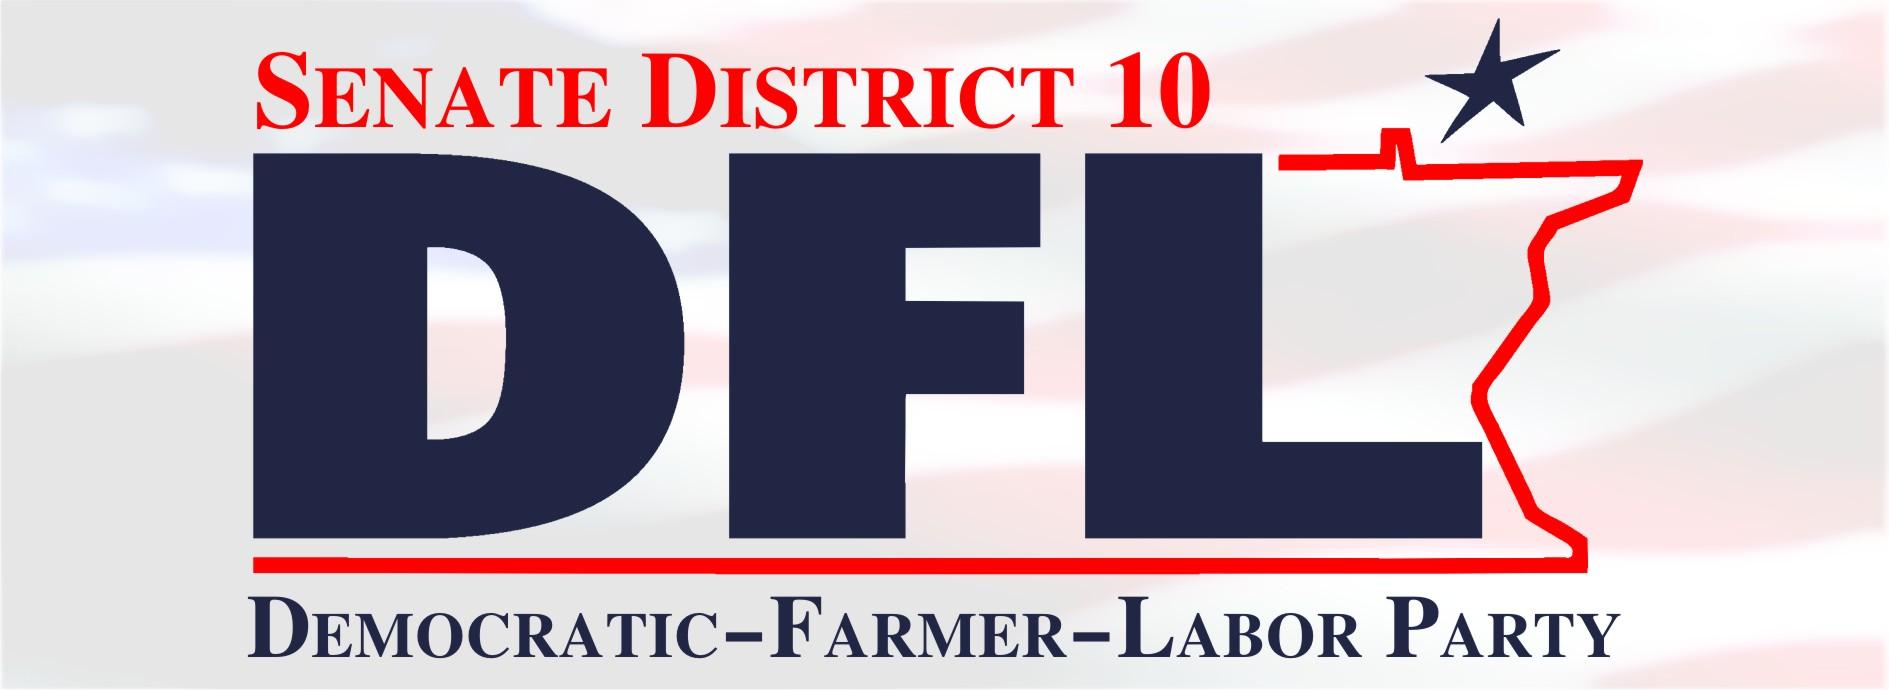 DFL Senate District 10 (MN)